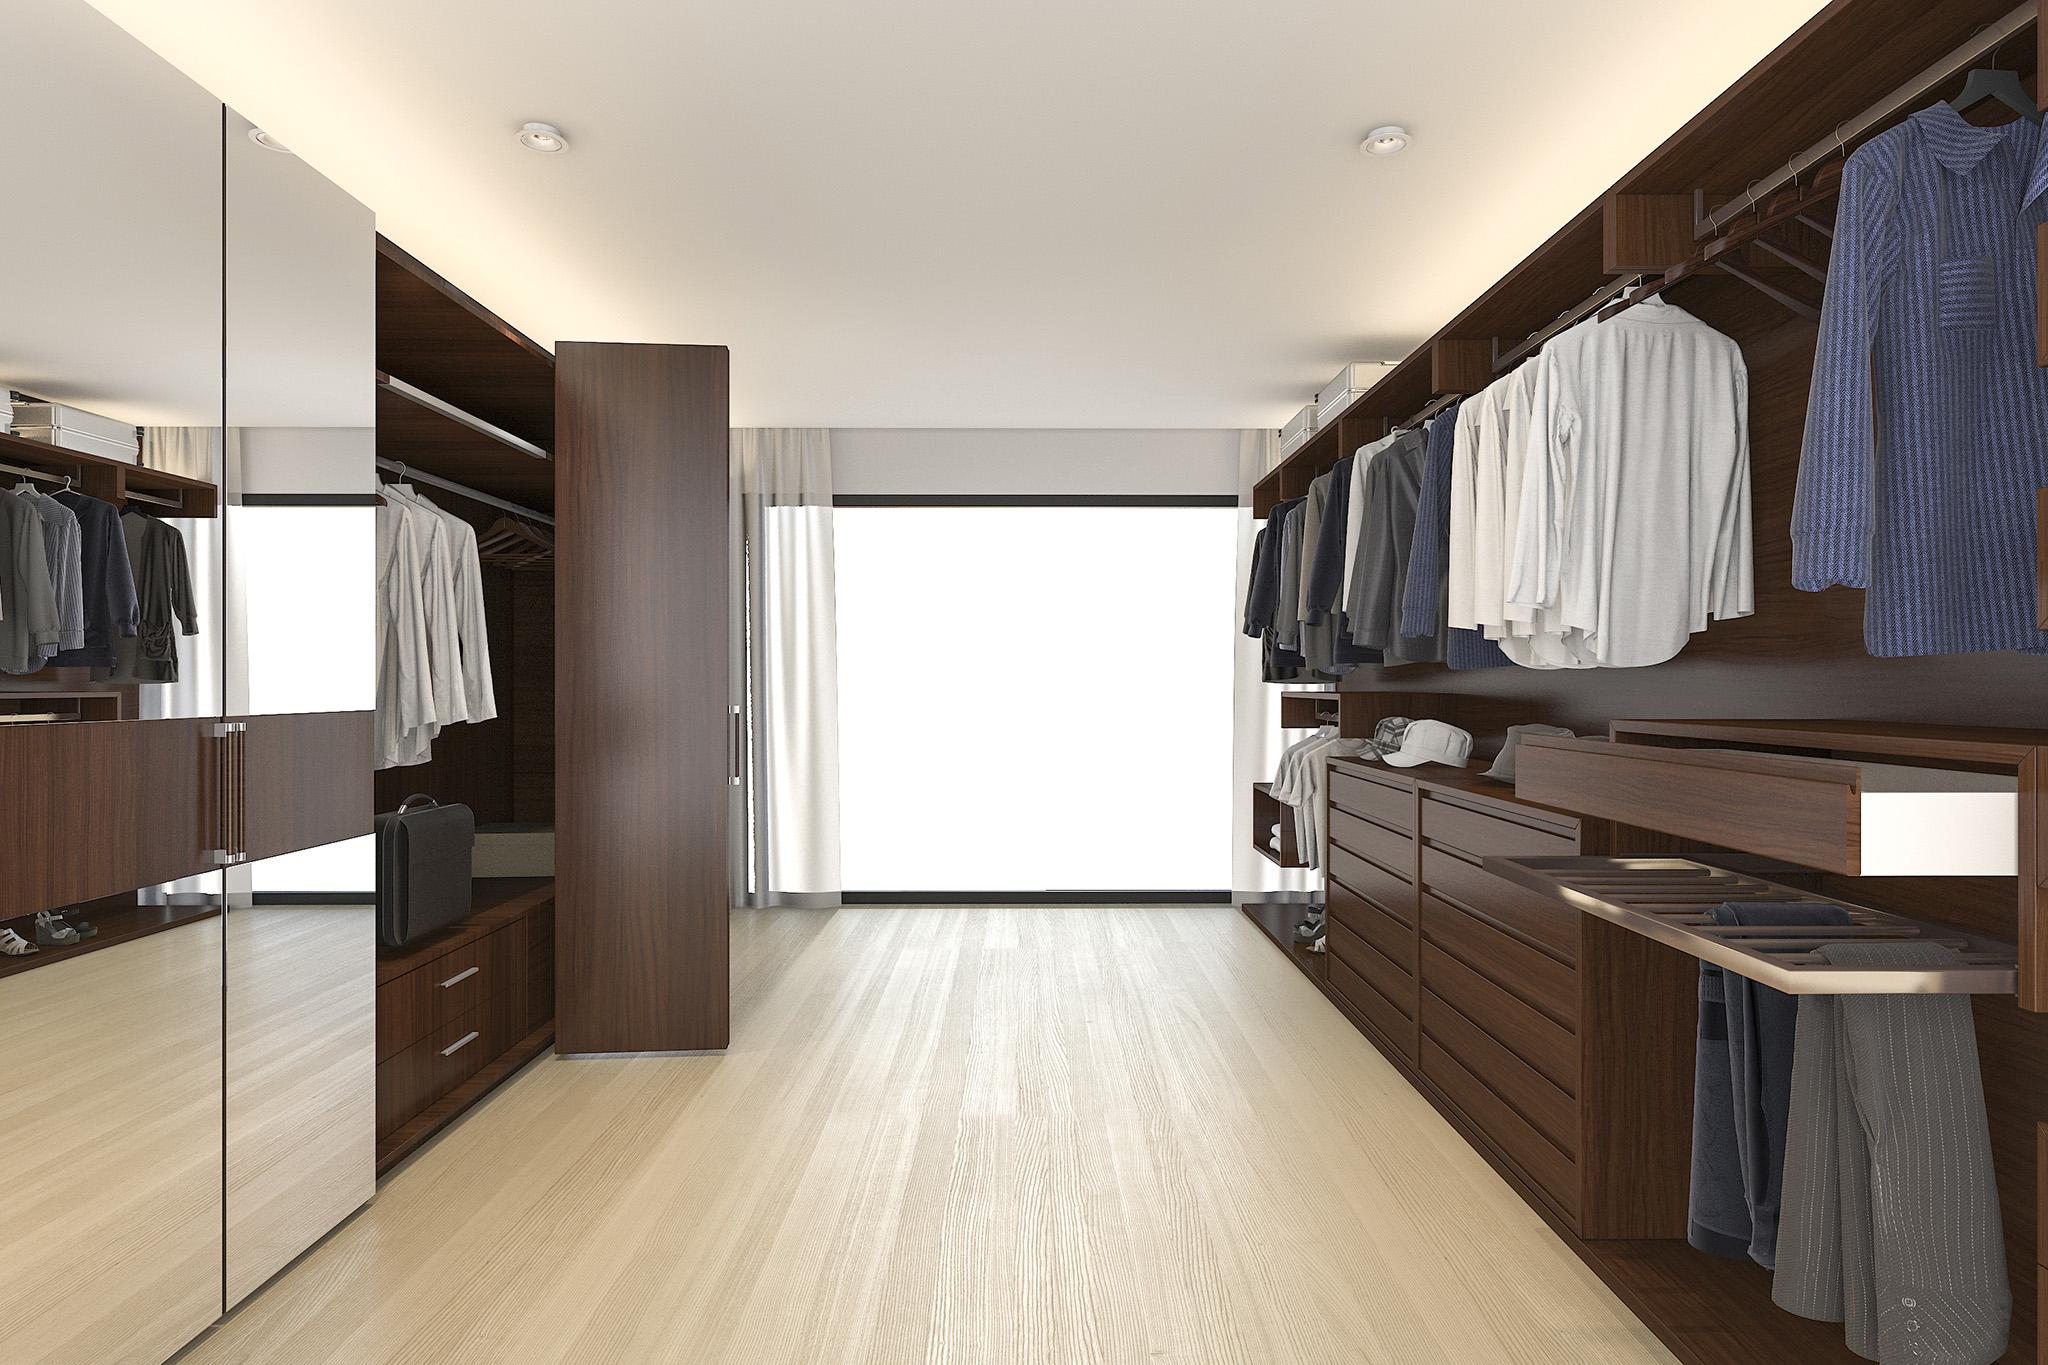 mirrored wardrobe designs, grey wardrobes, walk in closet, walk in wardrobe